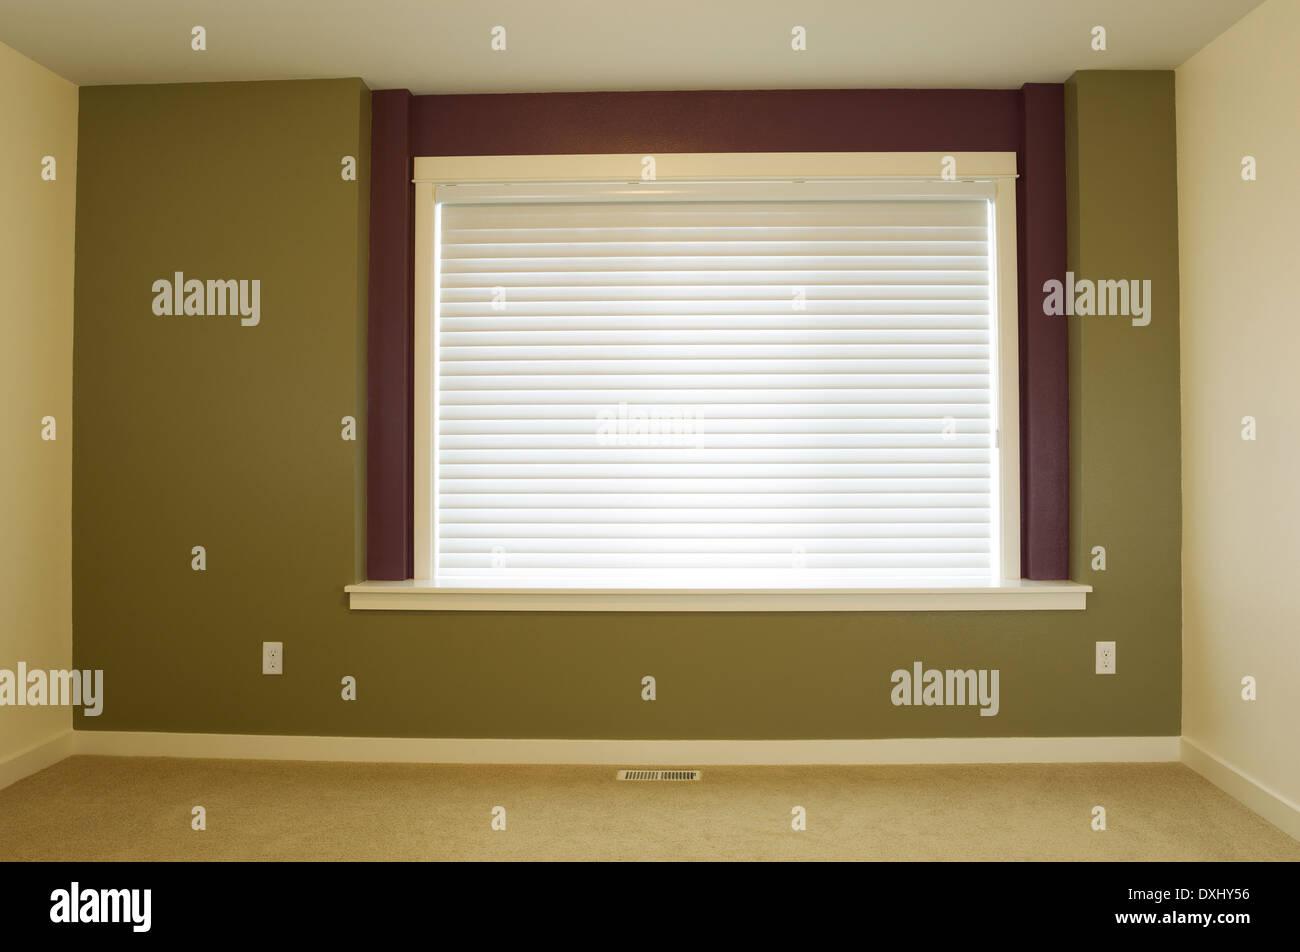 Foto orizzontale di interni casa residenziale accent parete dipinte di verde con ampia finestra e di ombra in background Immagini Stock